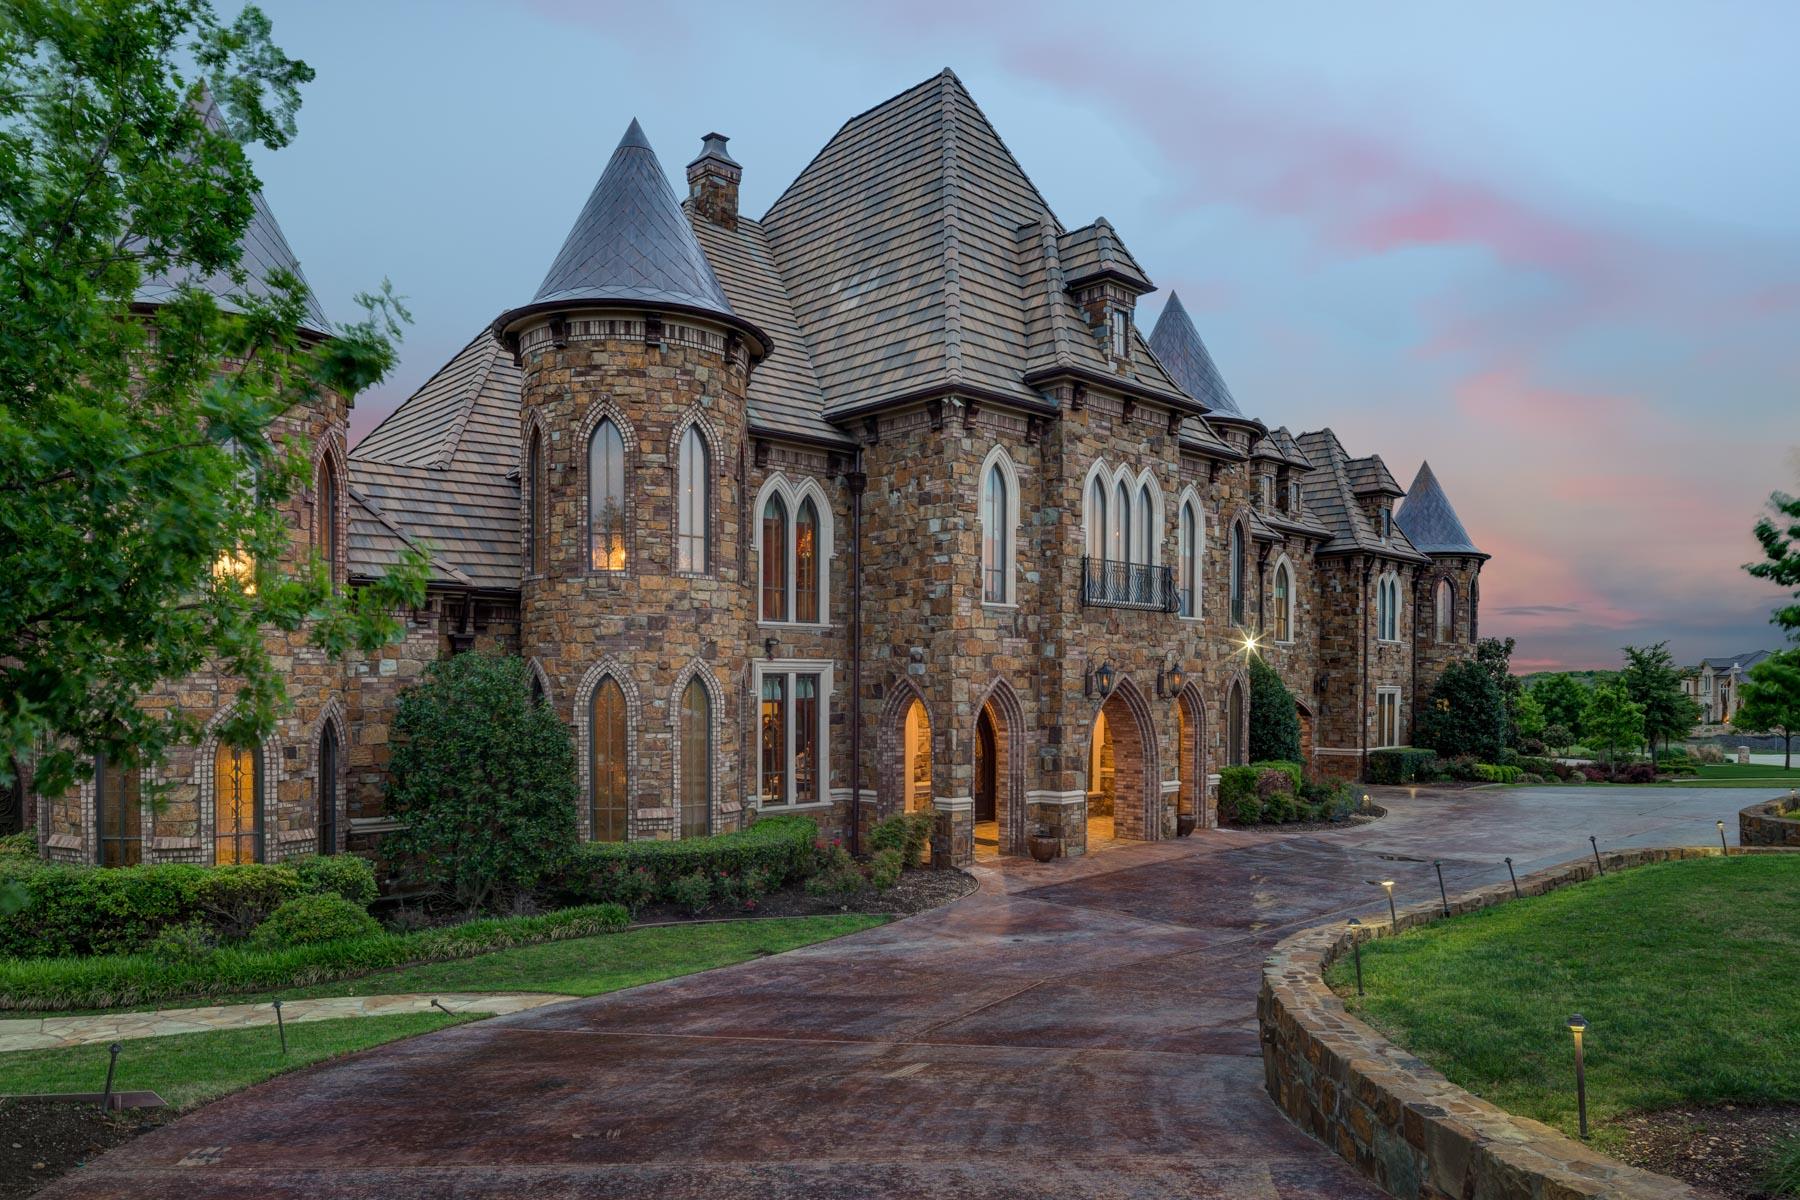 Casa Unifamiliar por un Venta en Montserrat 9553 Bella Terra Dr Fort Worth, Texas 76126 Estados Unidos